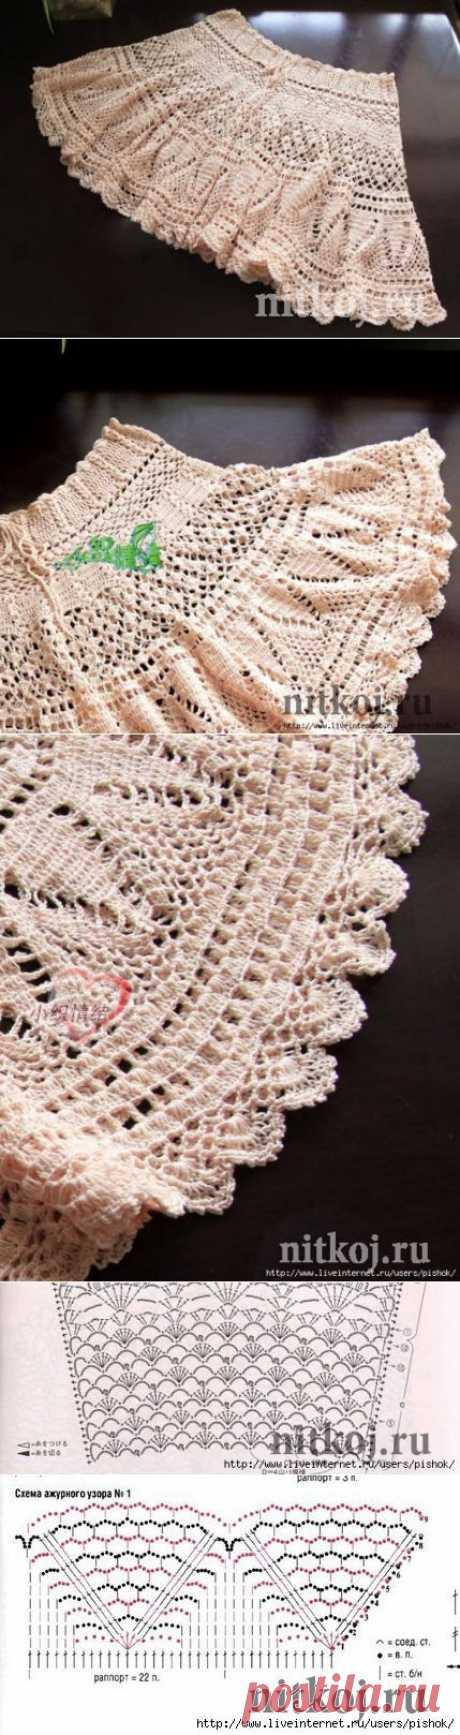 Ажурная юбка крючком » Ниткой - вязаные вещи для вашего дома, вязание крючком, вязание спицами, схемы вязания